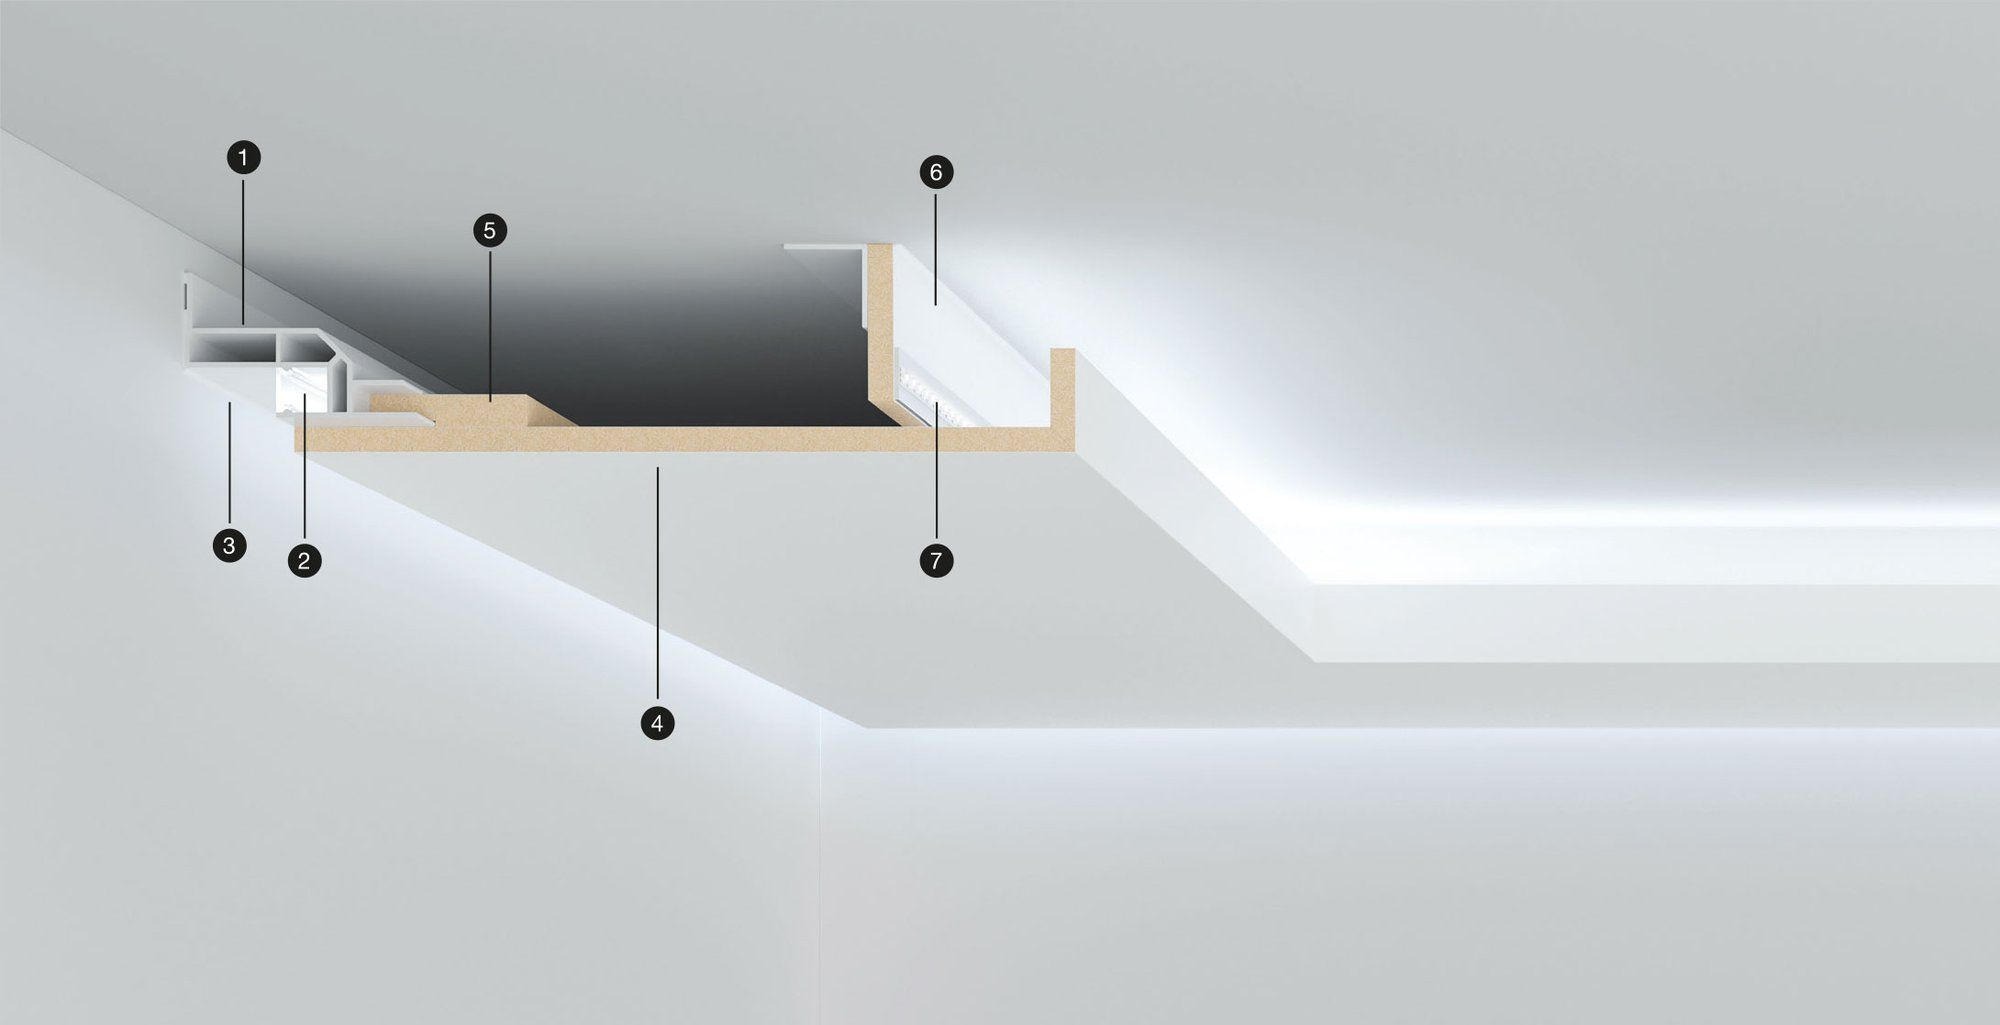 Schattenfugenprofil Fur Lichtvouten Kunststoff Abdeckung Led Elektroinstallation Haus Beleuchtung Wohnzimmer Decke Wohnung Planen